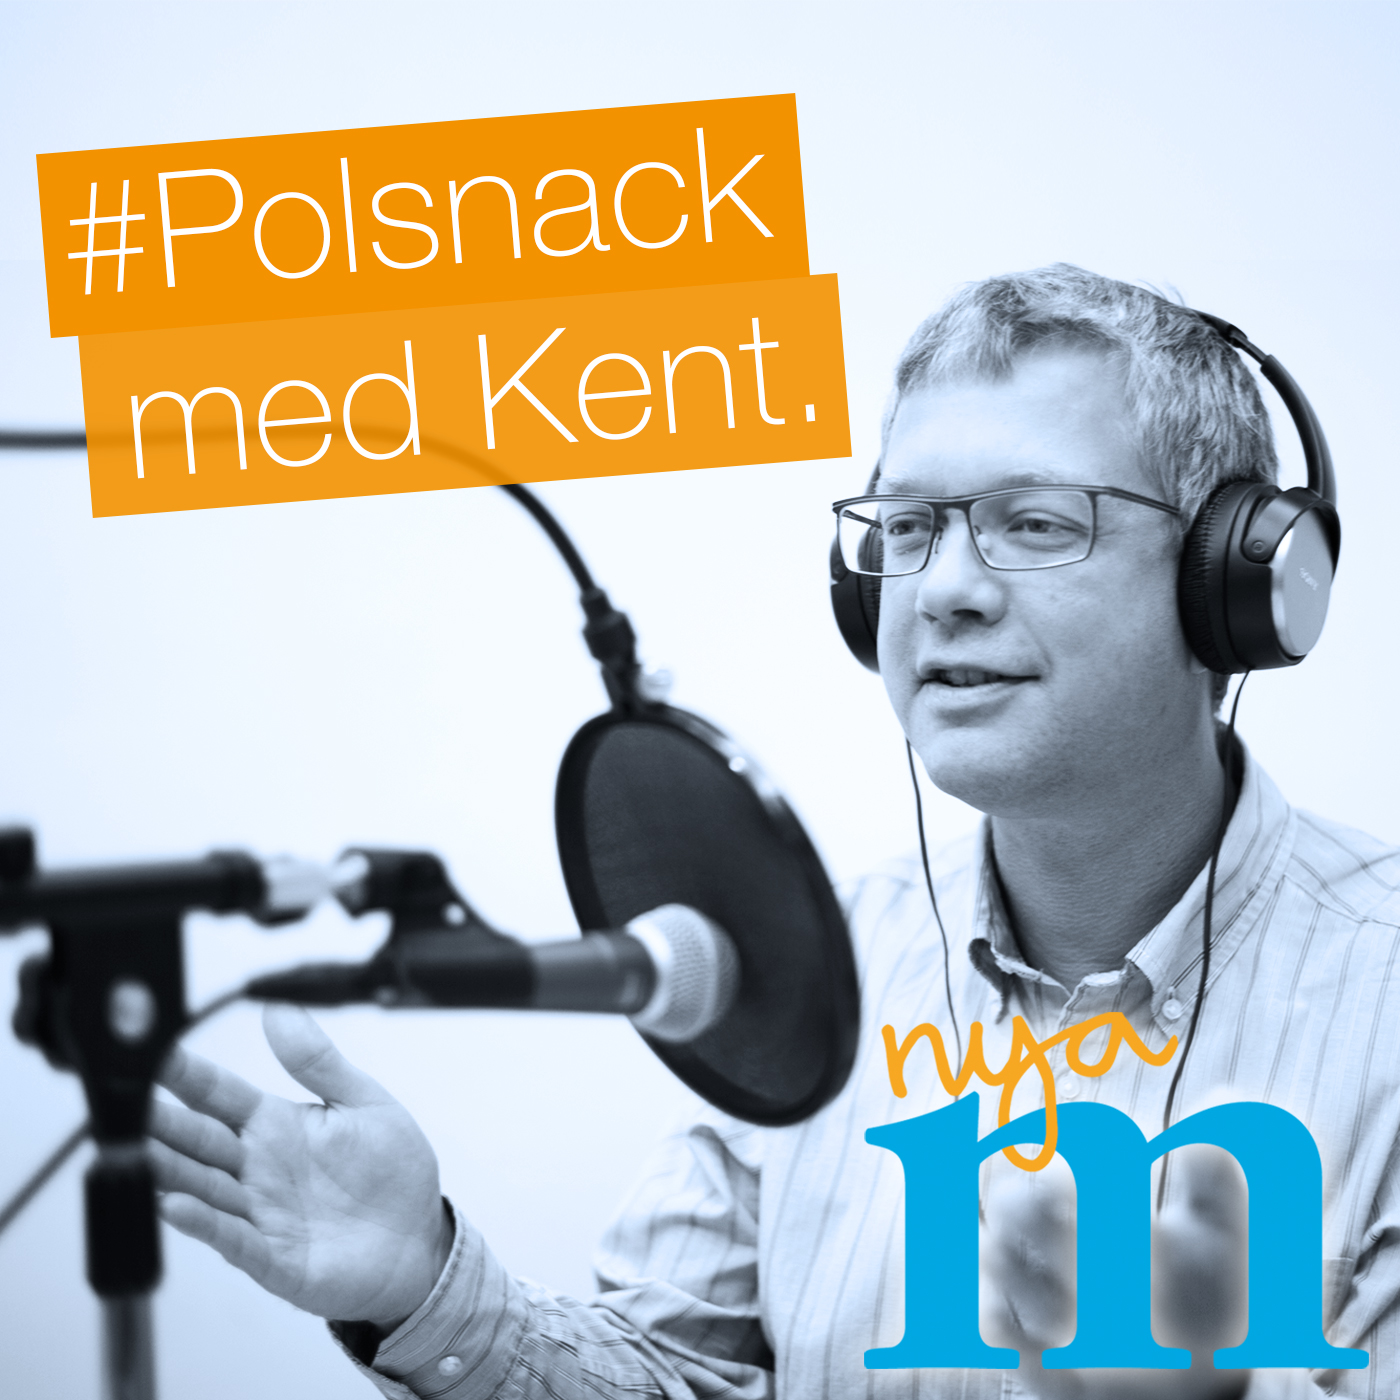 #Polsnack